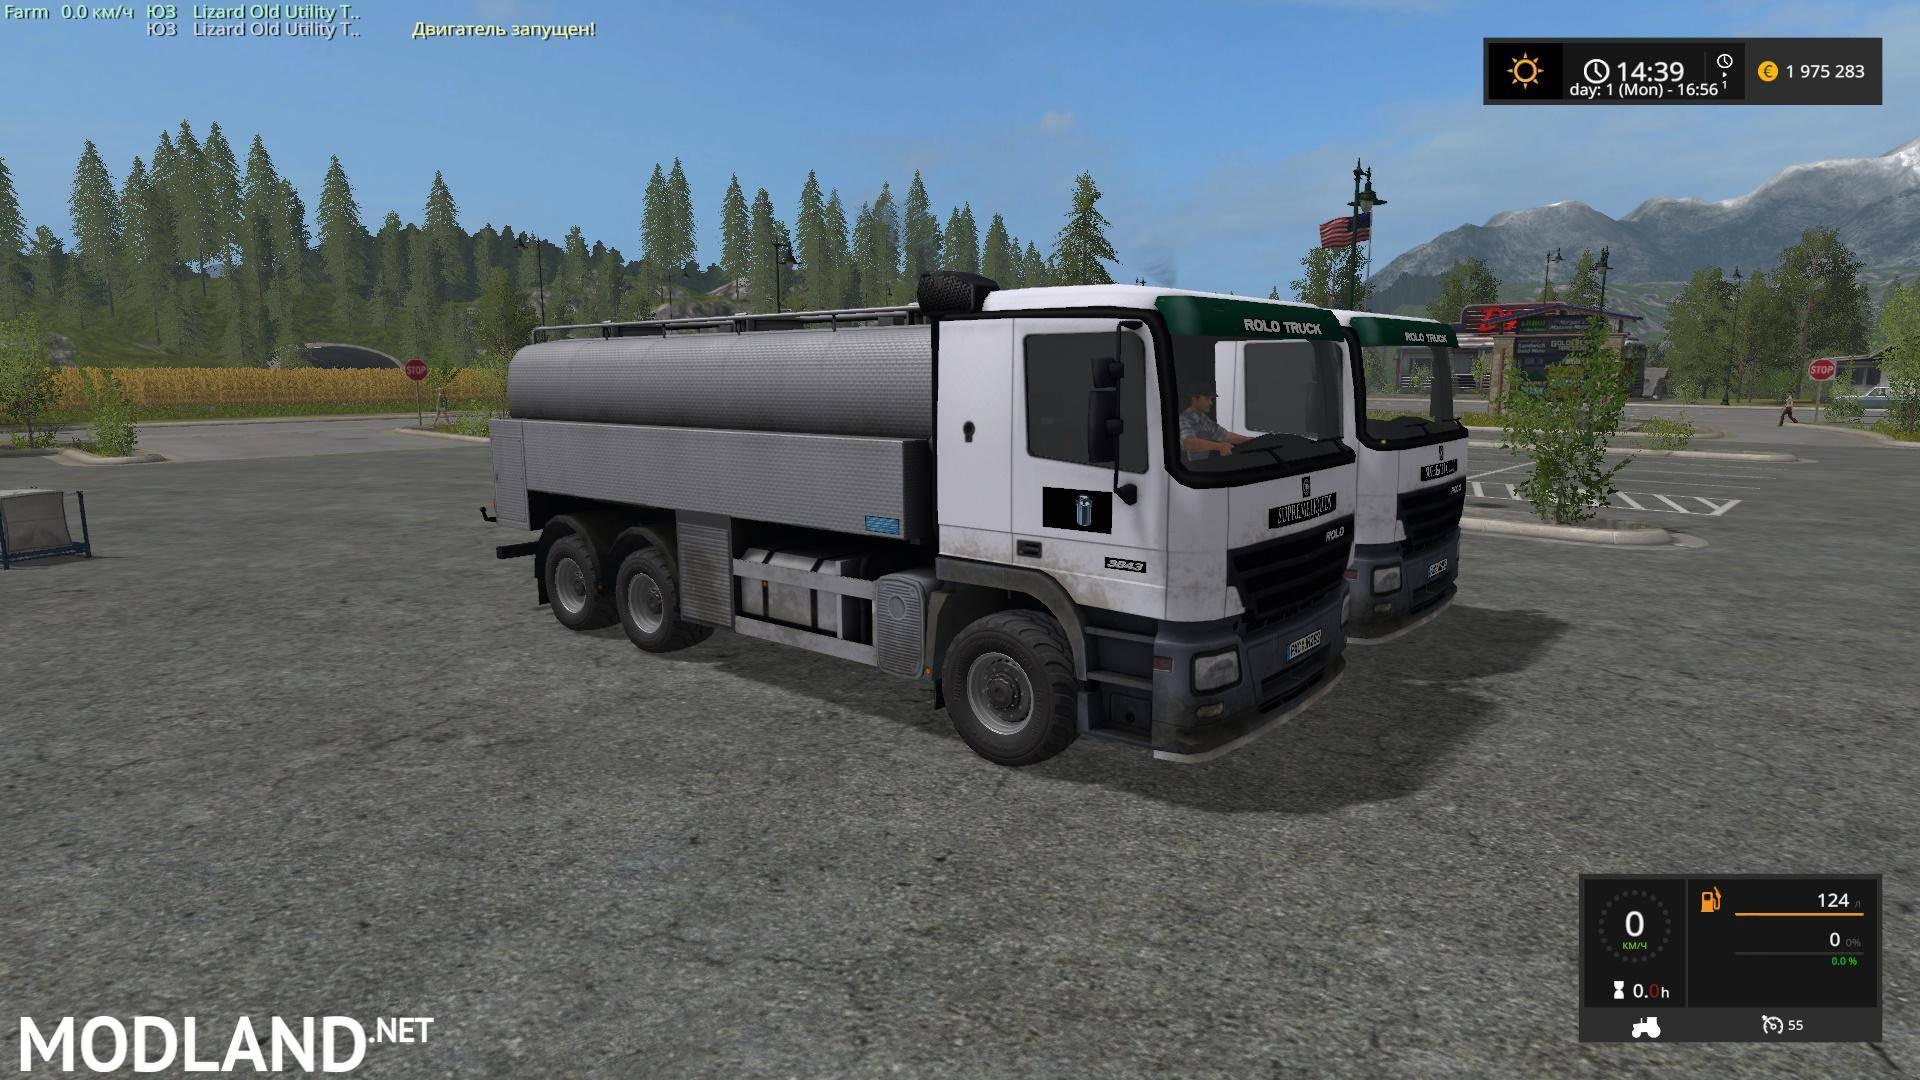 Lizard Rolo 3843 v 1.0 mod Farming Simulator 17